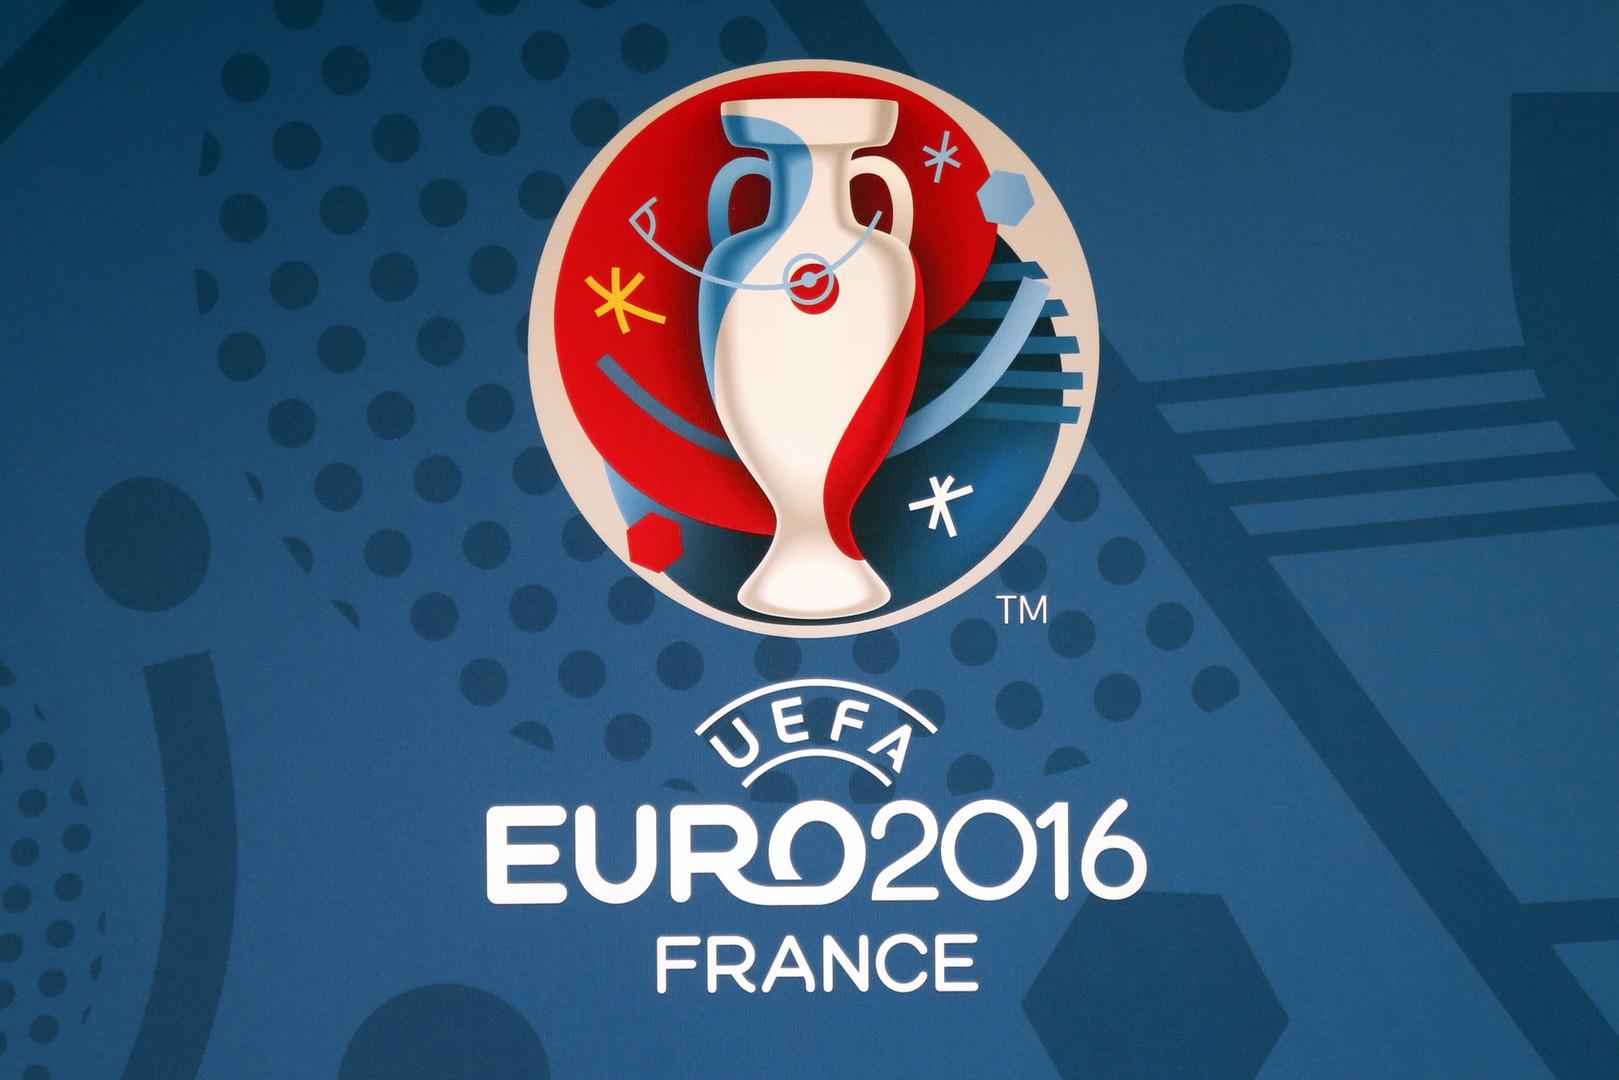 يويفا يكشف بعض ملامح مستويات المنتخبات المتأهلة لأمم أوروبا 2016 - RT Arabic